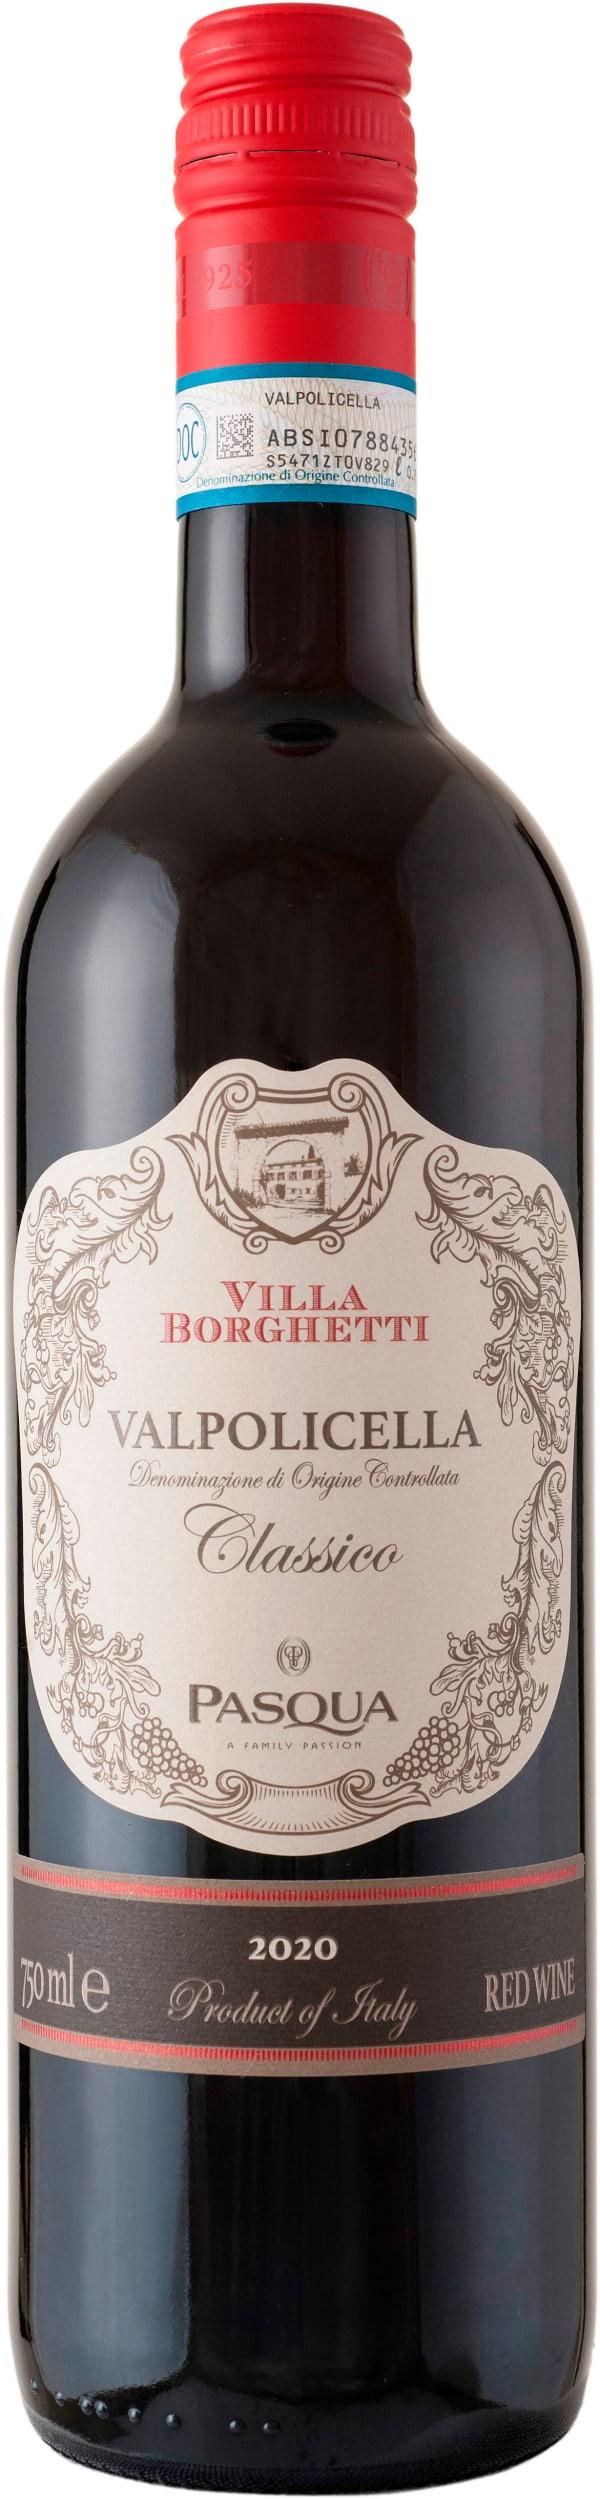 Pasqua Villa Borghetti Valpolicella Classico 2019